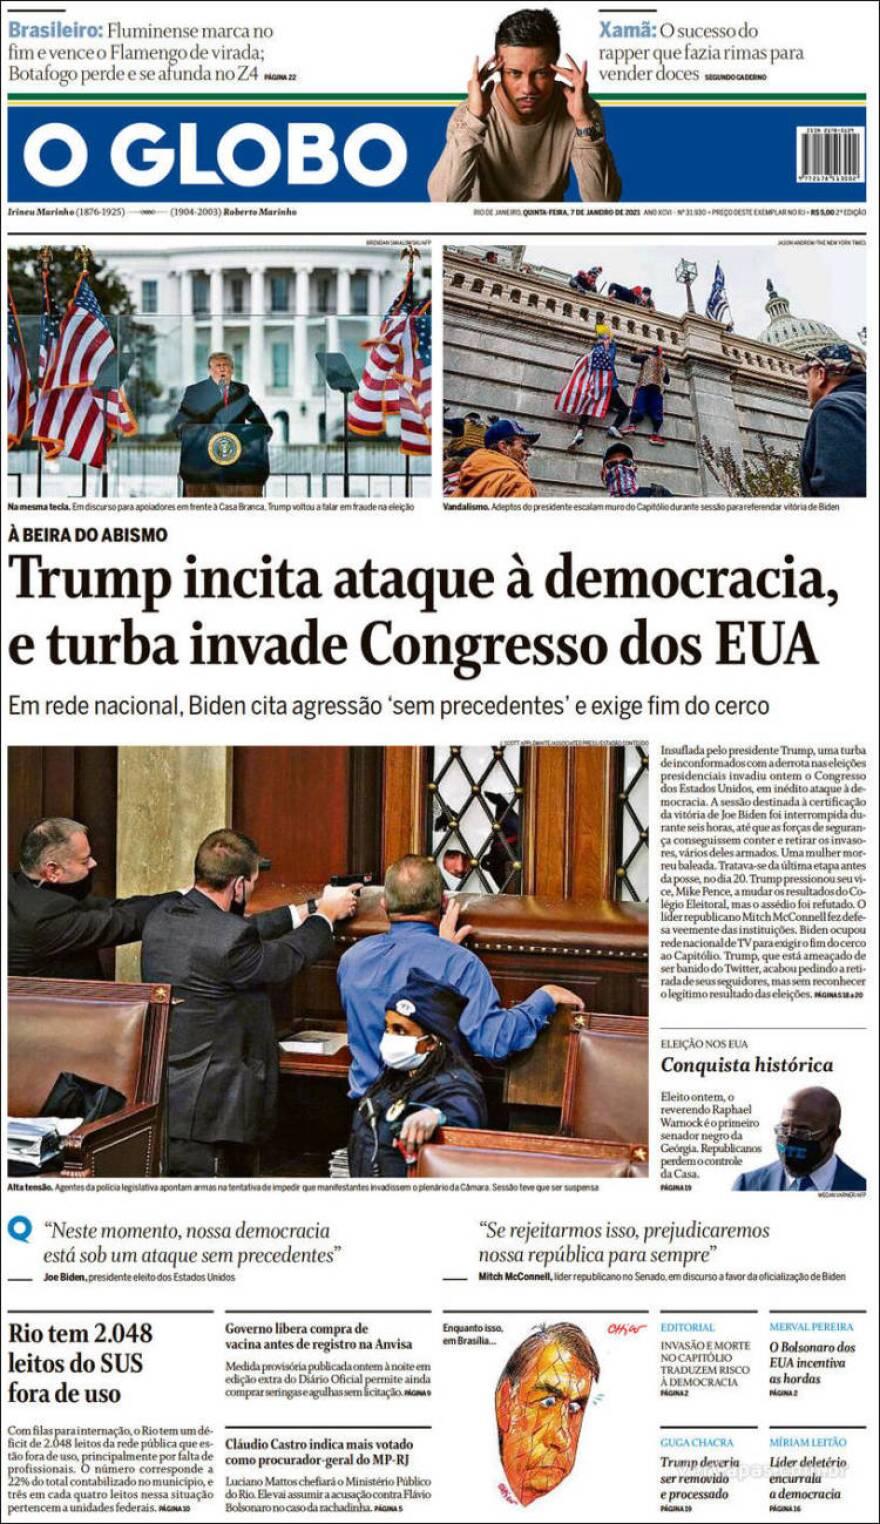 O Globo Brazil.jpg